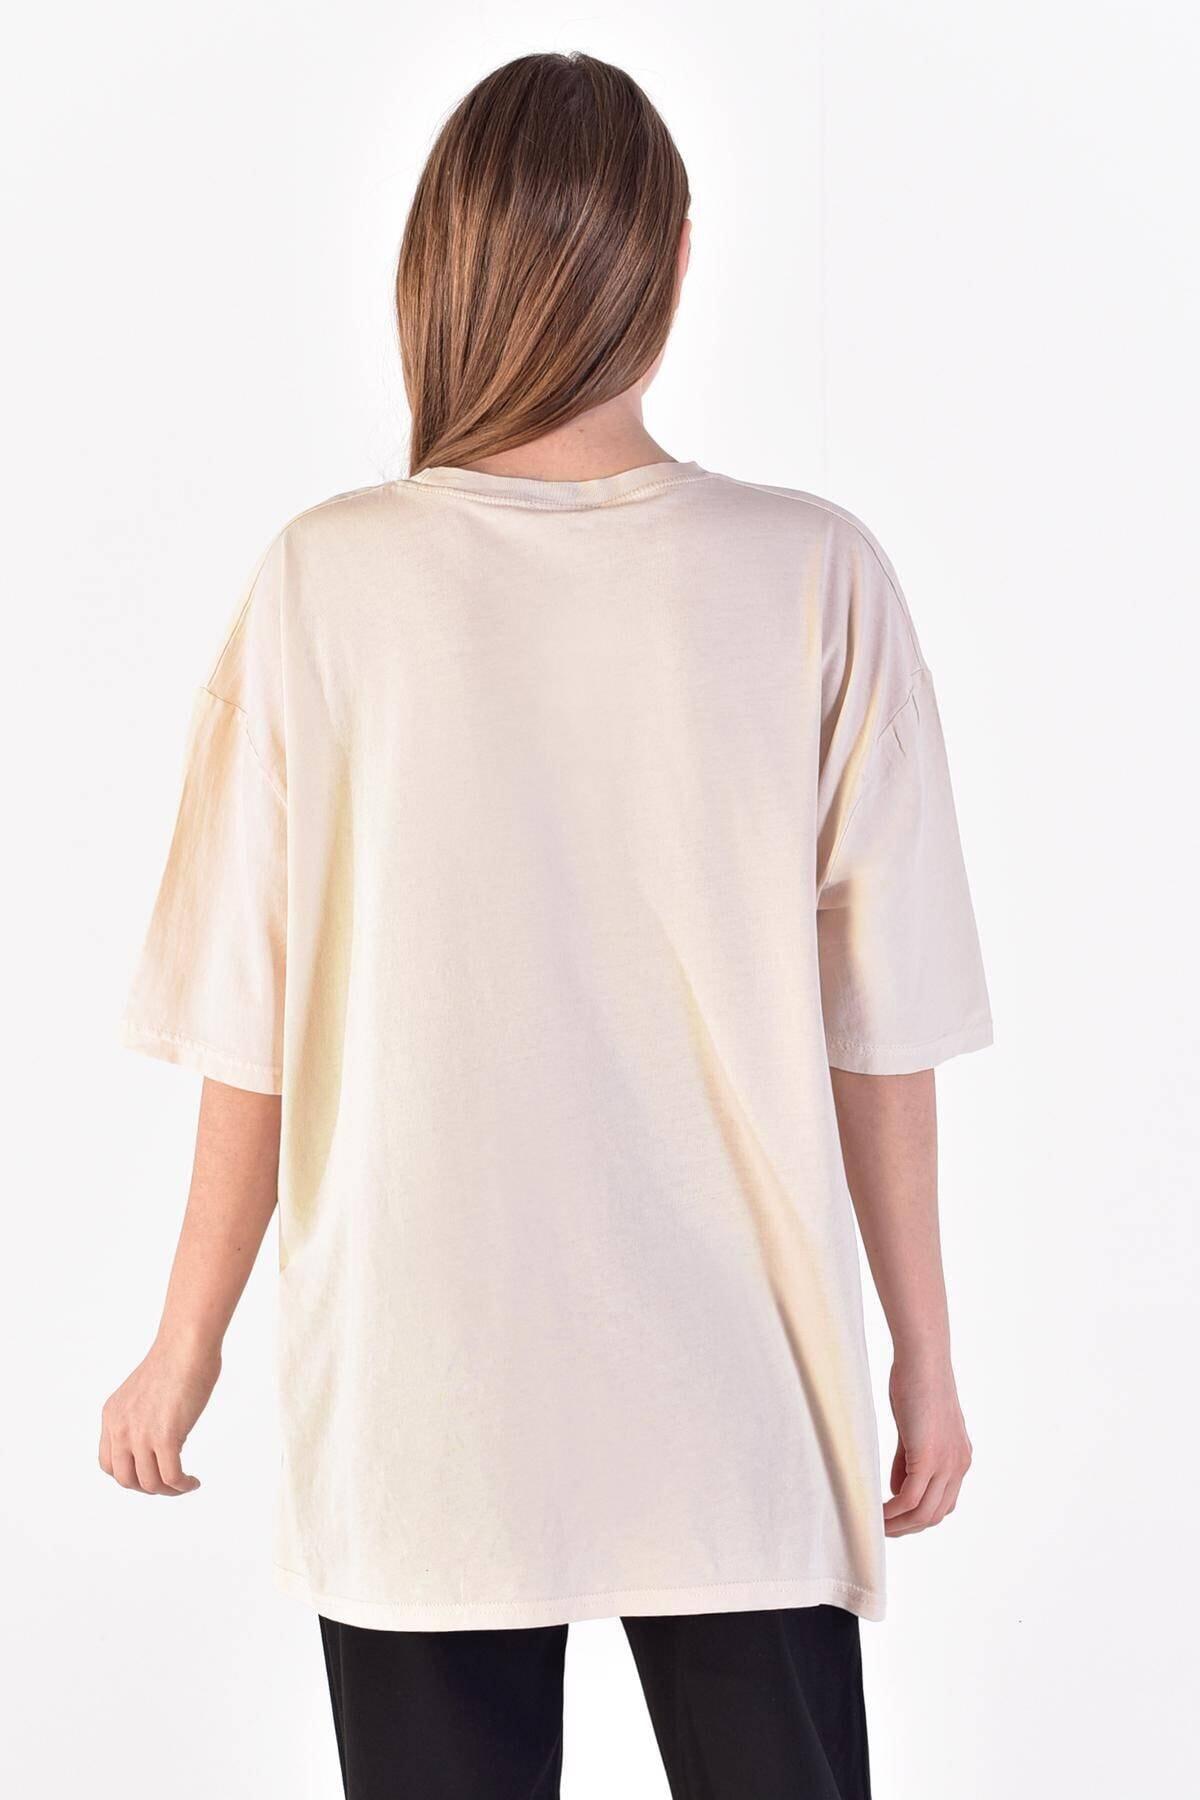 Addax Kadın Taş Önü Baskılı T-Shirt ADX-0000021582 4